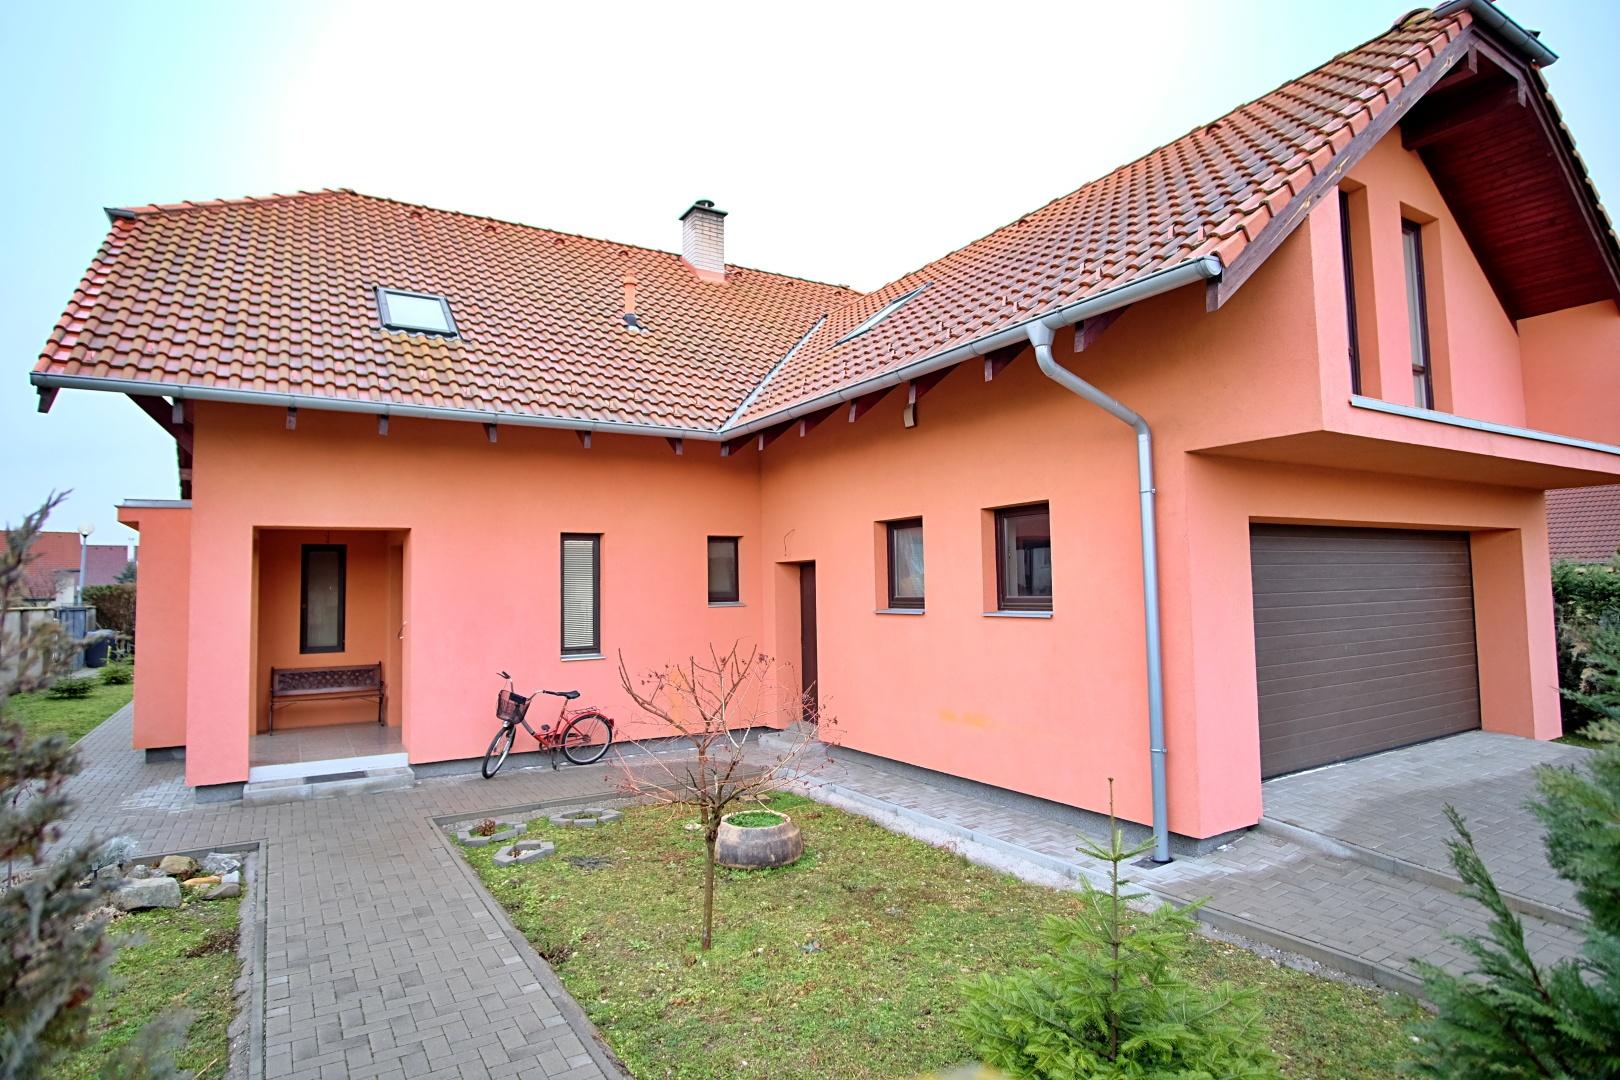 Predané: Na predaj 6-izbový rodinný dom vo vilovej štvrti v Hamuliakove, 15 km od Bratislavy-1